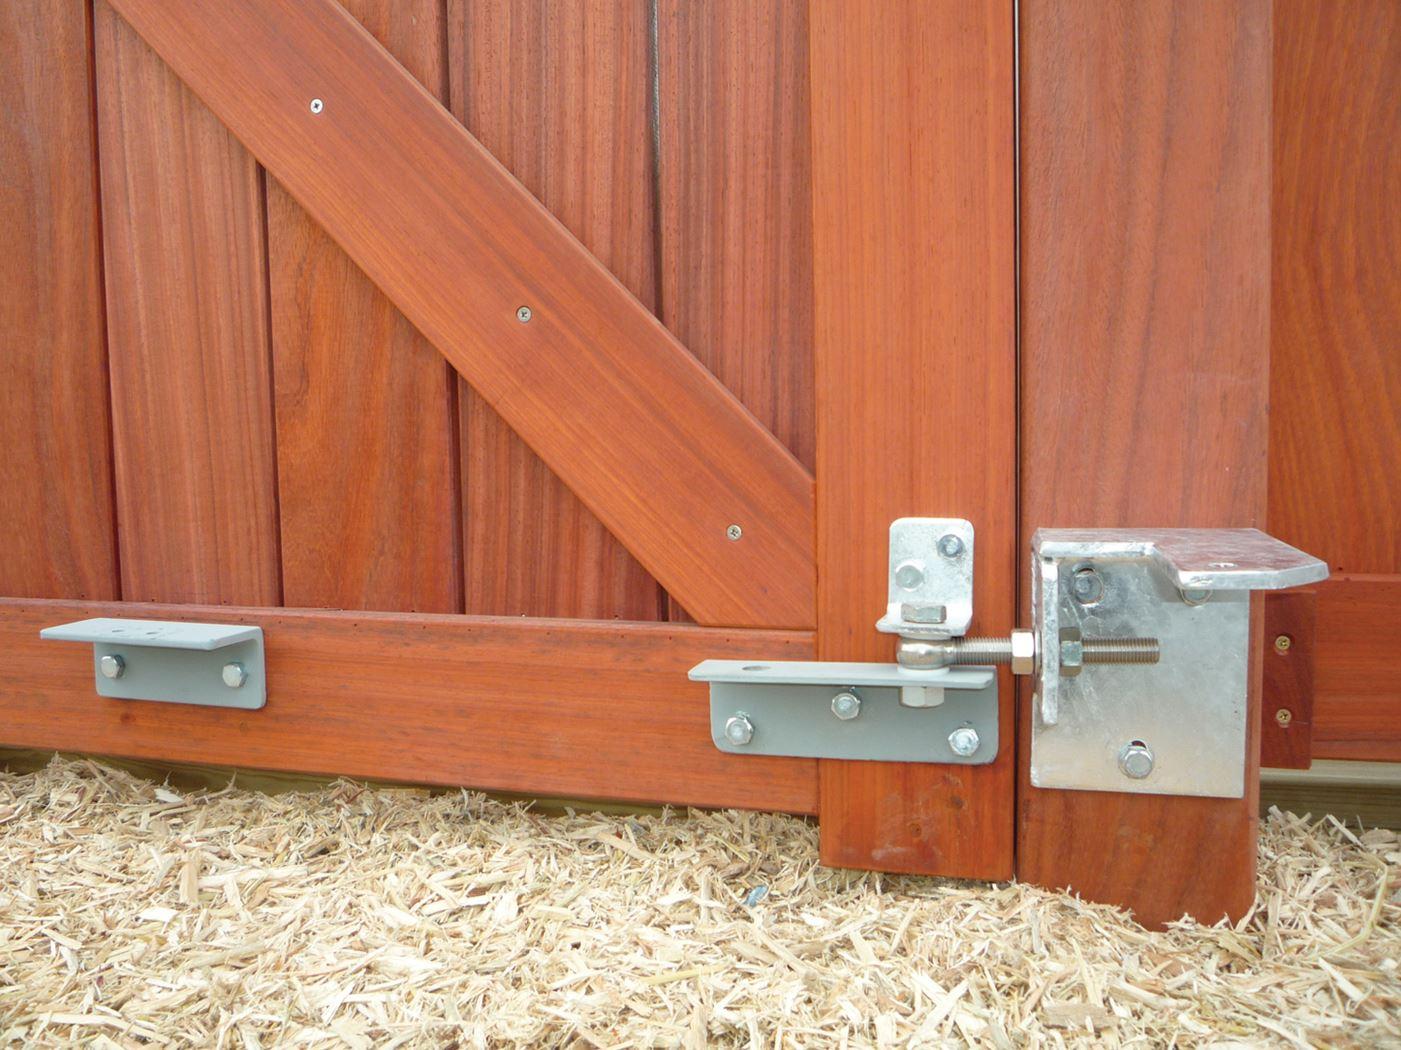 houtland verstelbaarsysteem voor ophanging motor rechts